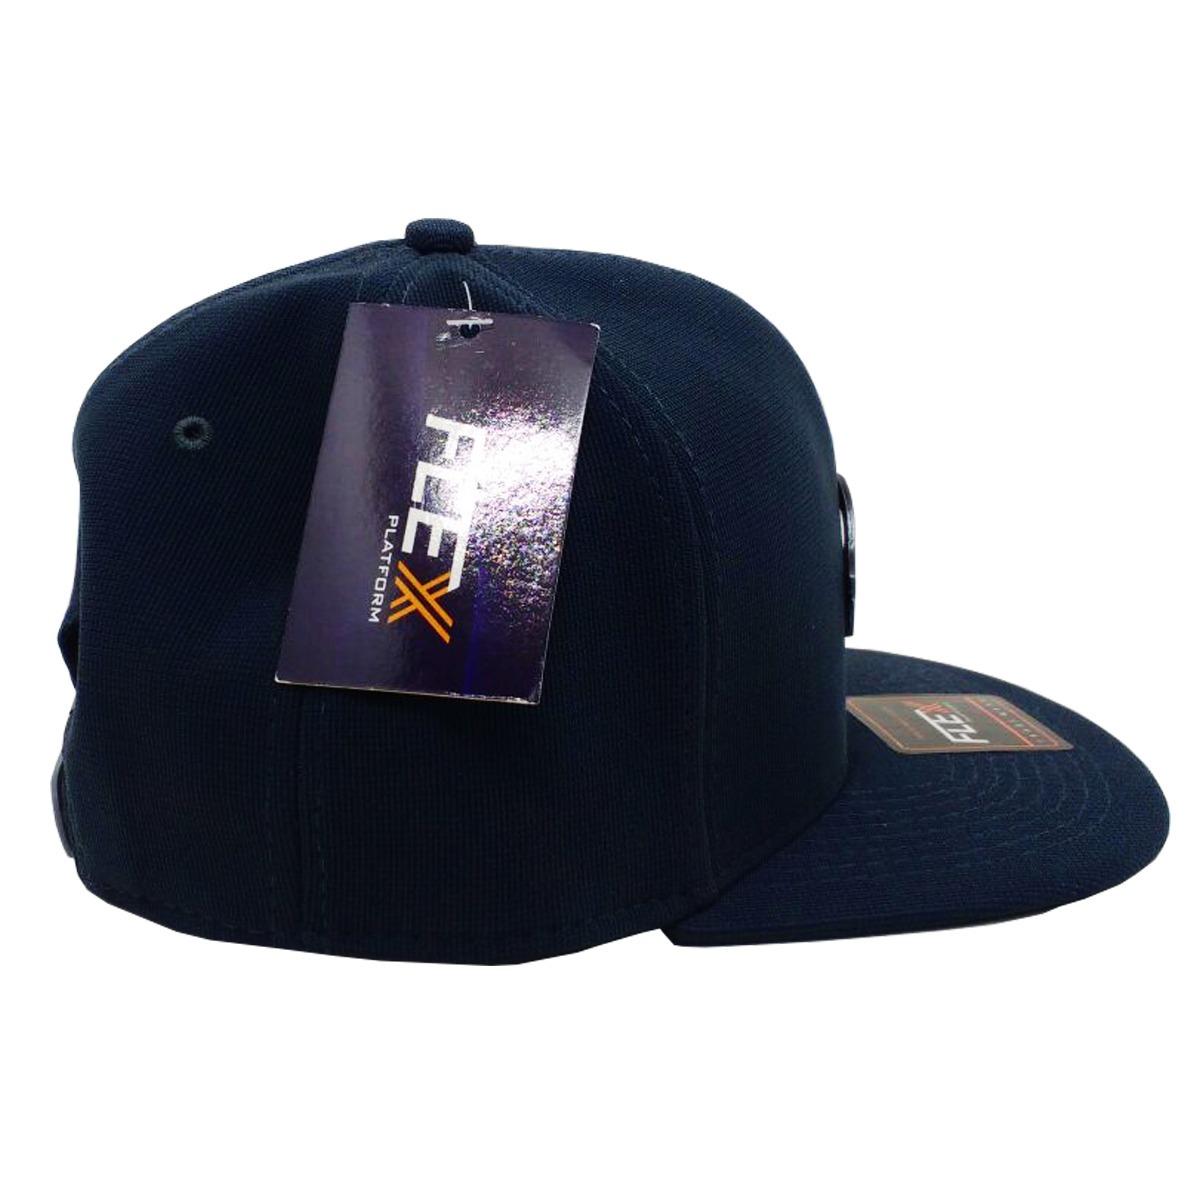 boné quiksilver - boné snapback aba reta - cor azul - flex. Carregando zoom. 792a916979f